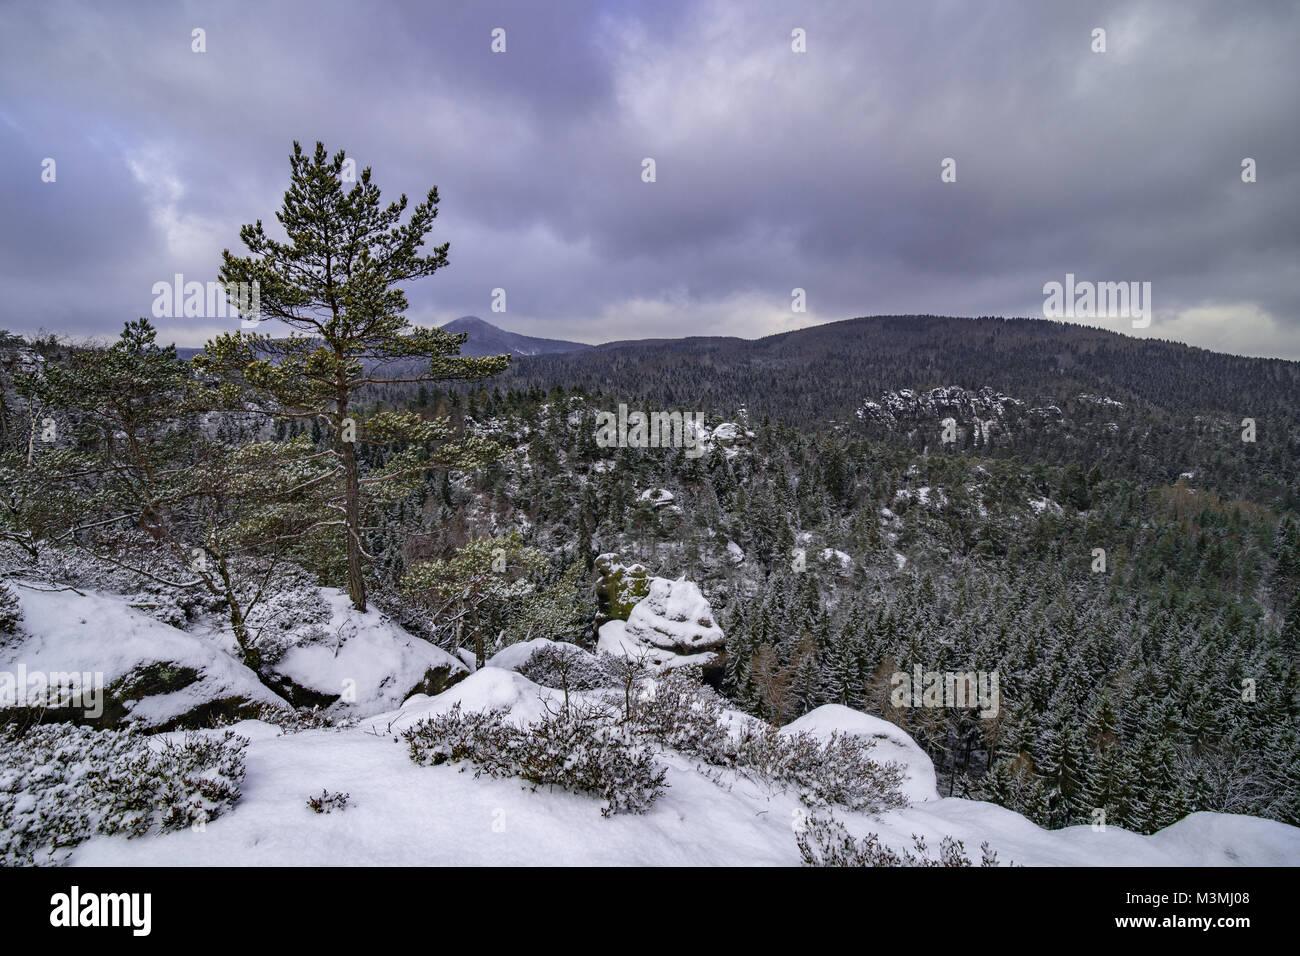 Jonsdorf mountains in saxony Stock Photo